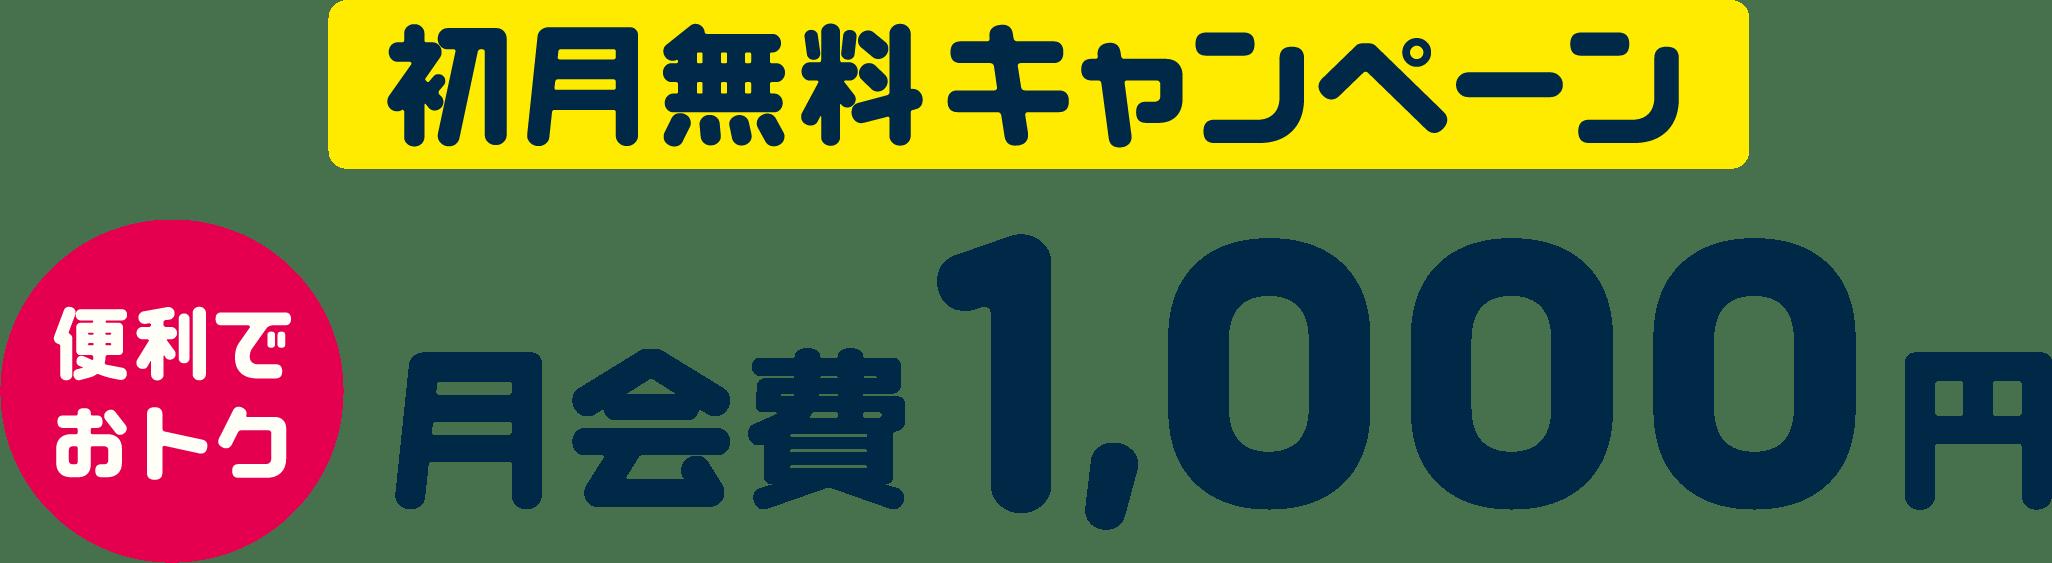 便利でおトク 初月無料キャンペーン 月会費1,000円